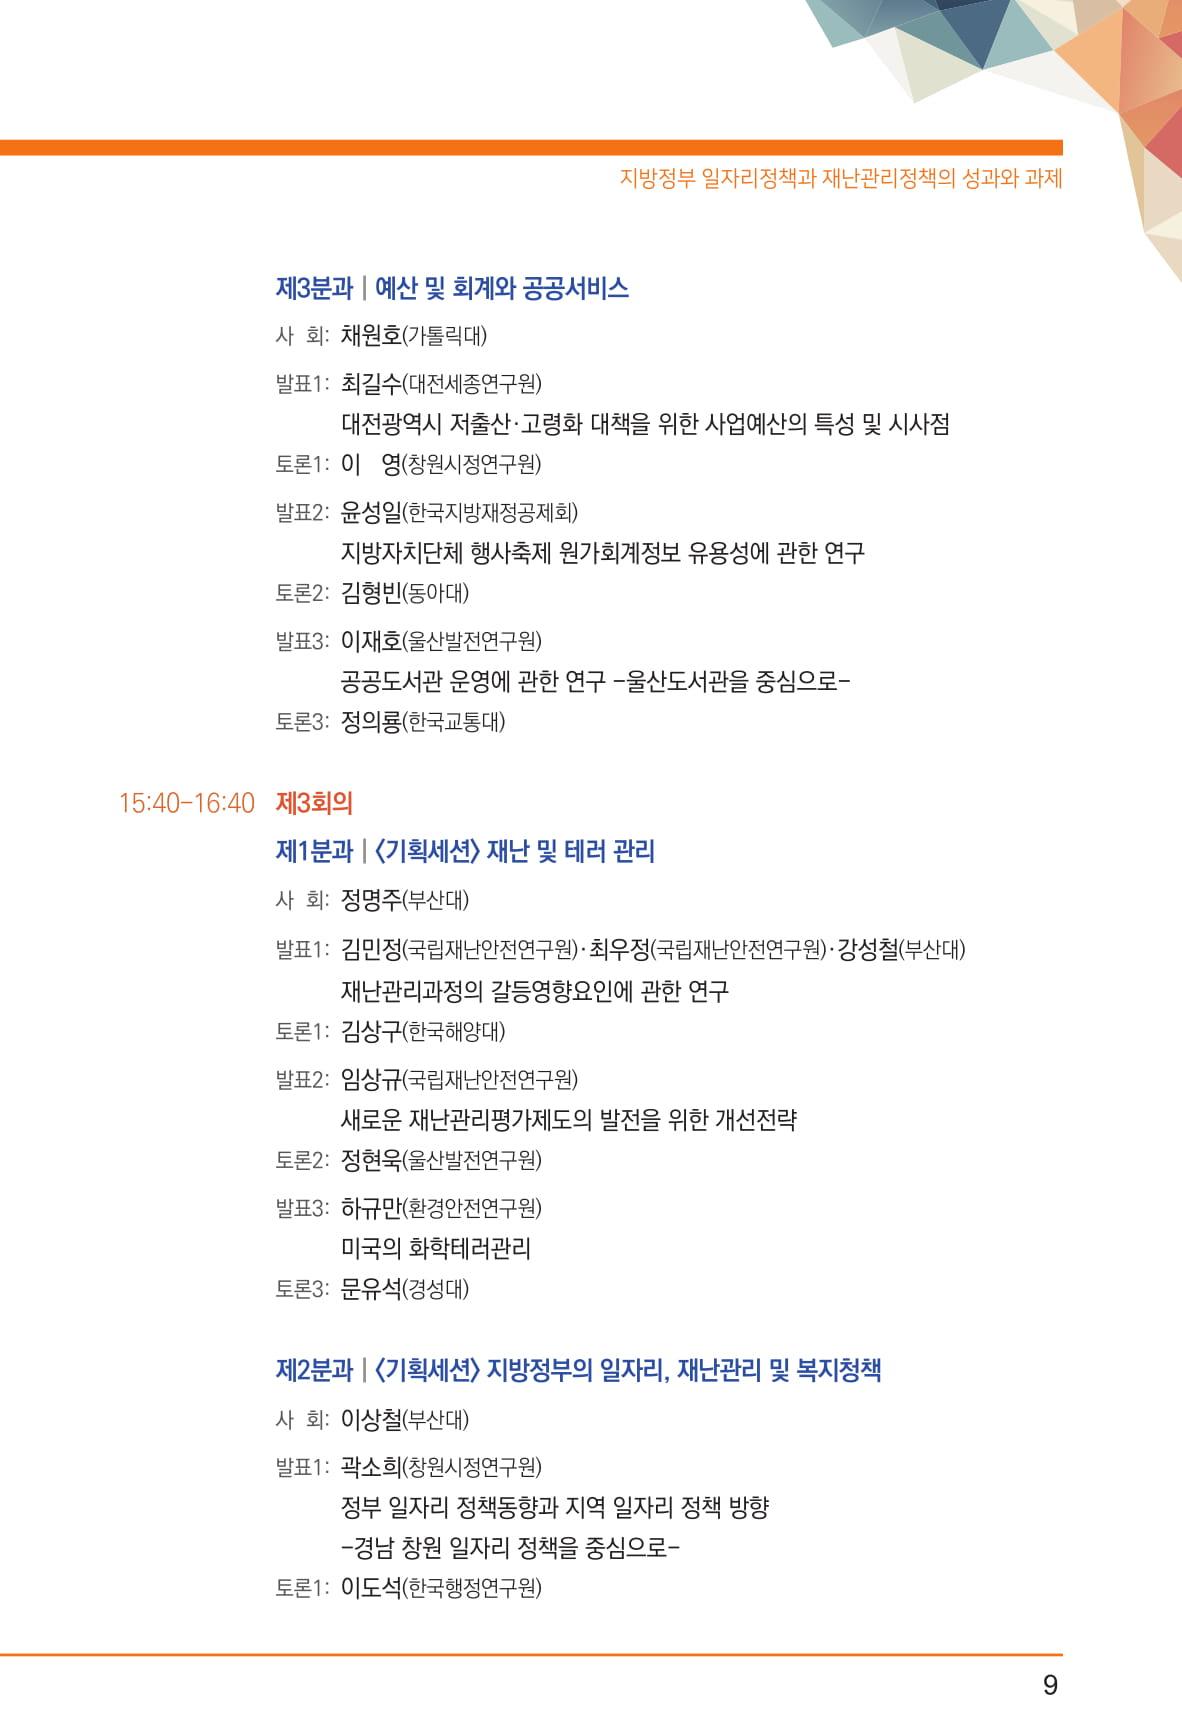 12_지방정부_춘계초청-09.jpg